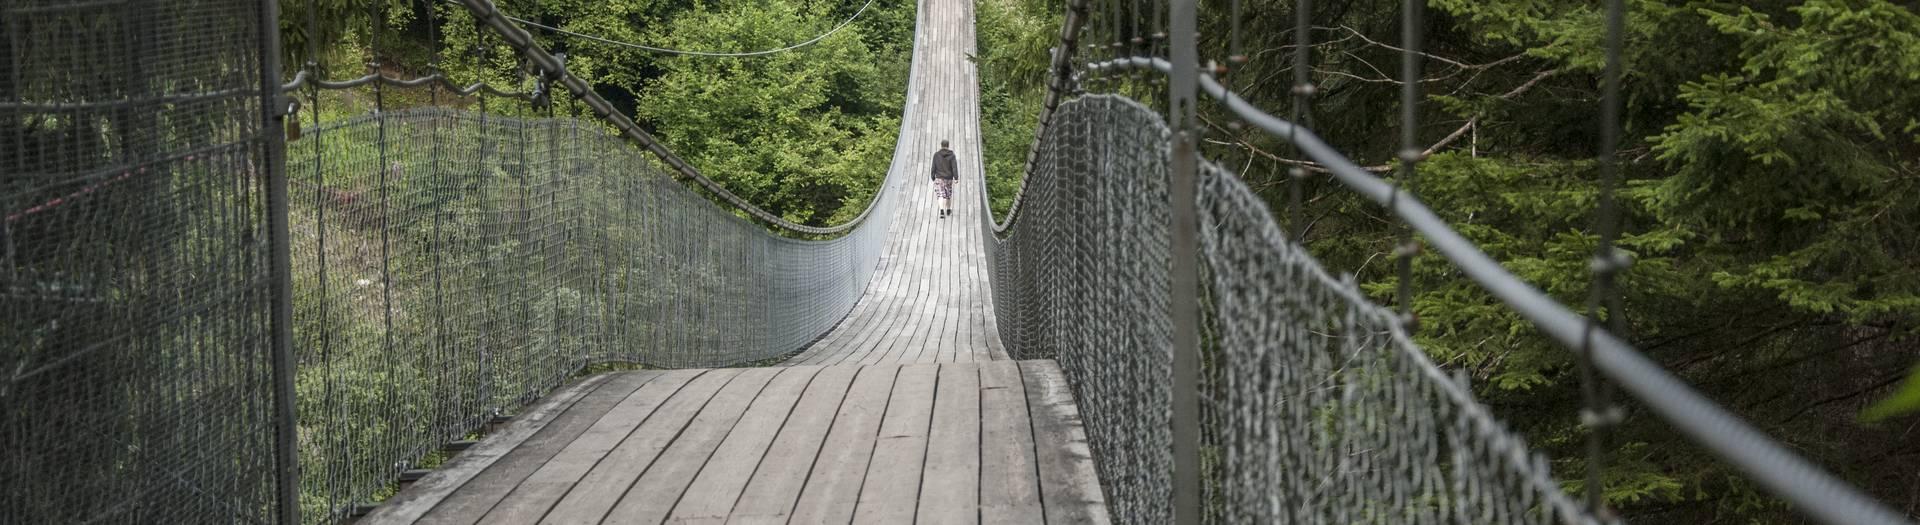 Europas 1. Babydorf Trebesing bietet großen wie kleinen Gästen ein abwechslungsreiches und spannendes Erholungsprogramm. Die Märchenwandermeile mit der Hängebrücke in der Drachenschlucht verspricht Abenteuer pur.